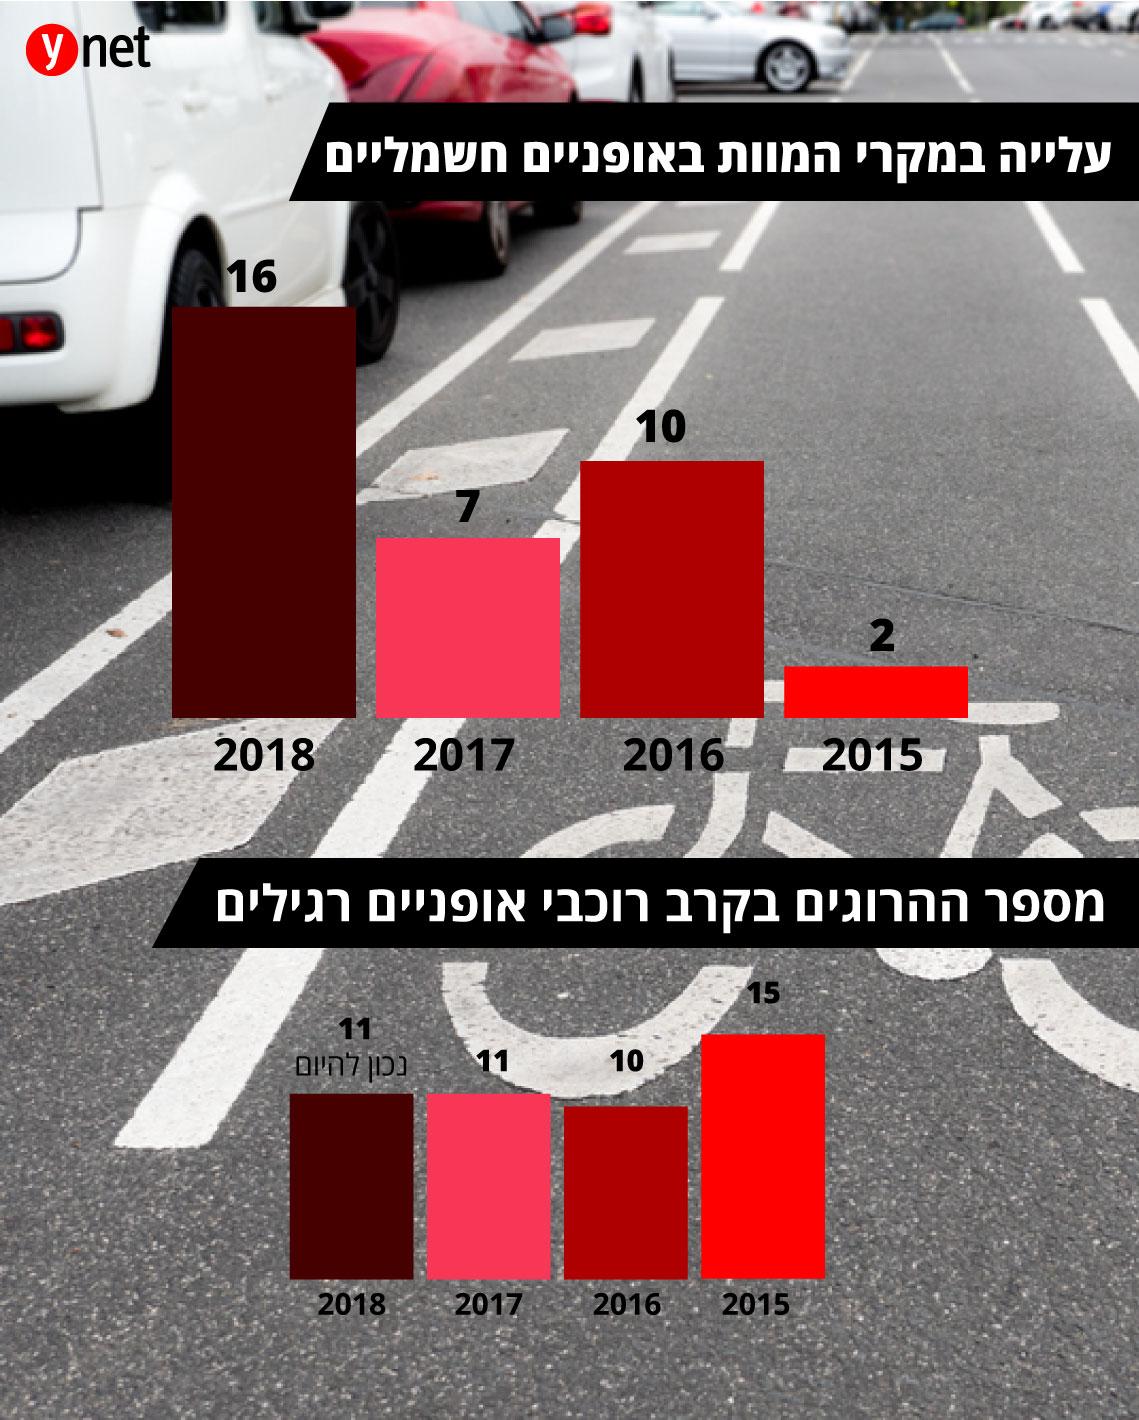 אינפו גרפיקה אופניים חשמליים סכנה הרוגים תאונה תאונות דרכים (נתונים: הרשות הלאומית לבטיחות בדרכים)